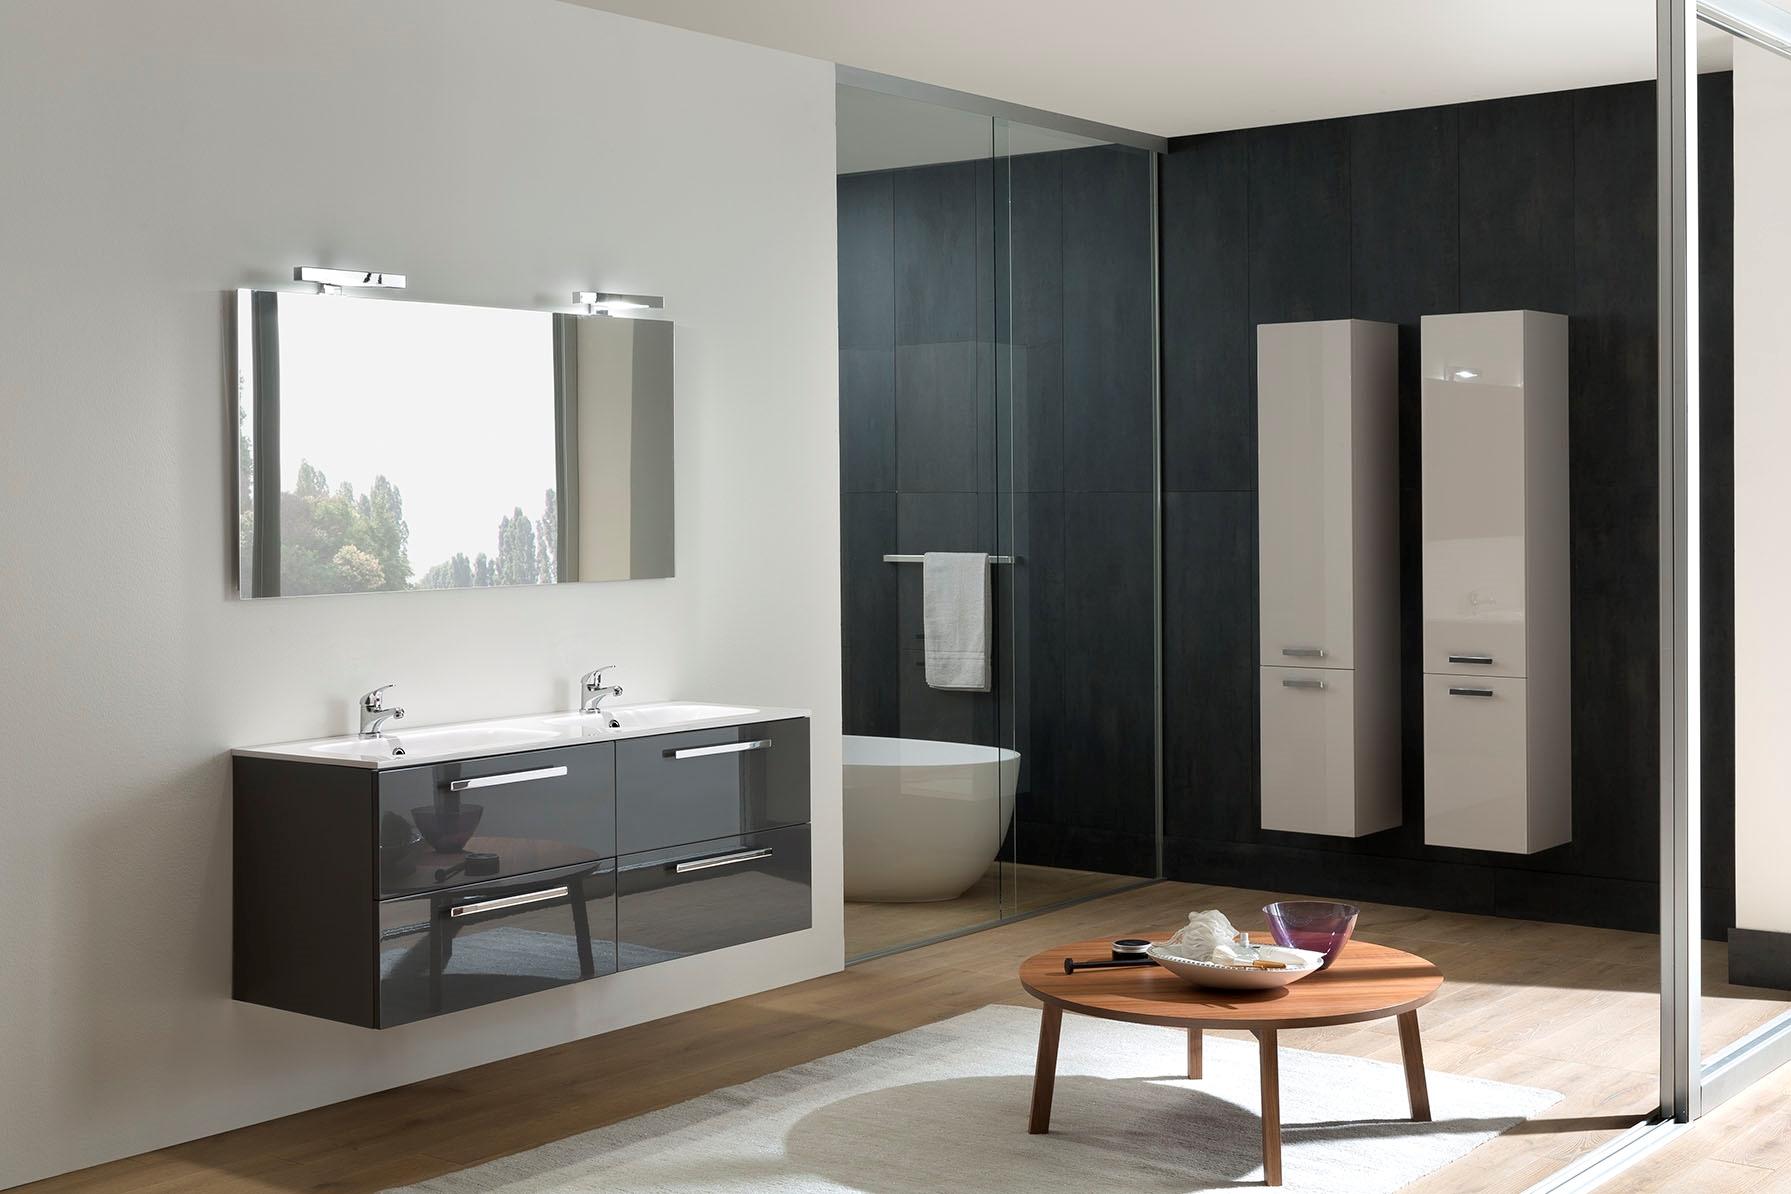 Mobile bagno sospeso con doppio lavello e doppia colonna - Mobile colonna bagno ...